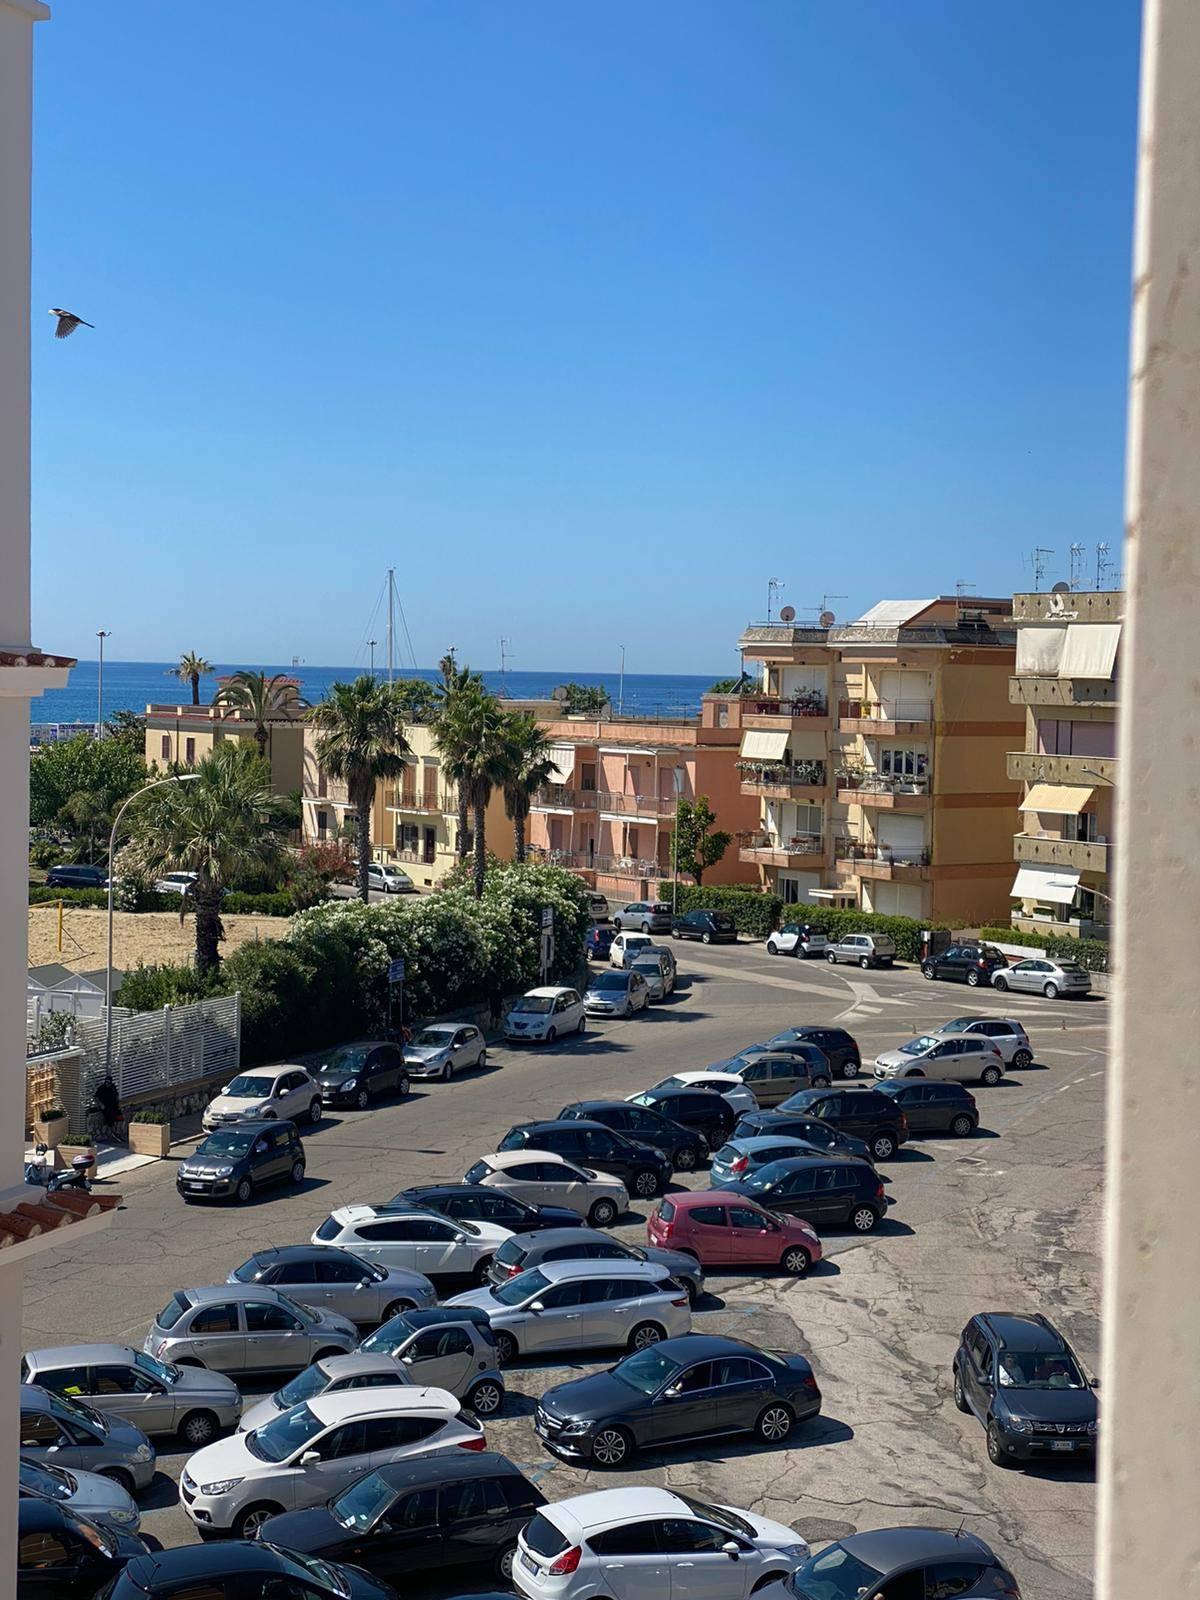 Appartamento in vendita a Terracina, 3 locali, zona Località: centro, prezzo € 210.000   CambioCasa.it